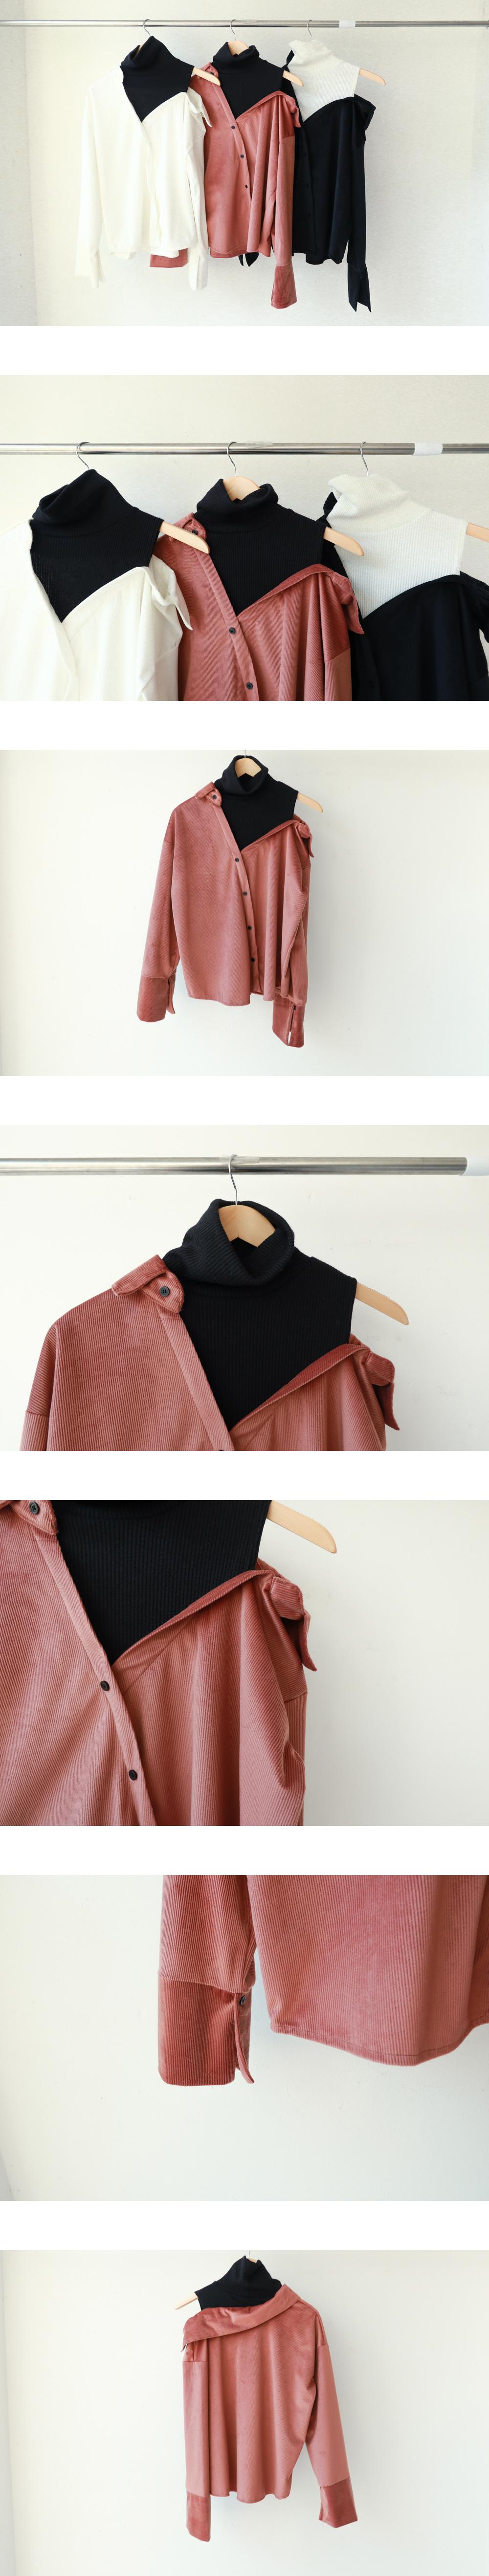 Velor off shoulder shirt (nb0094)